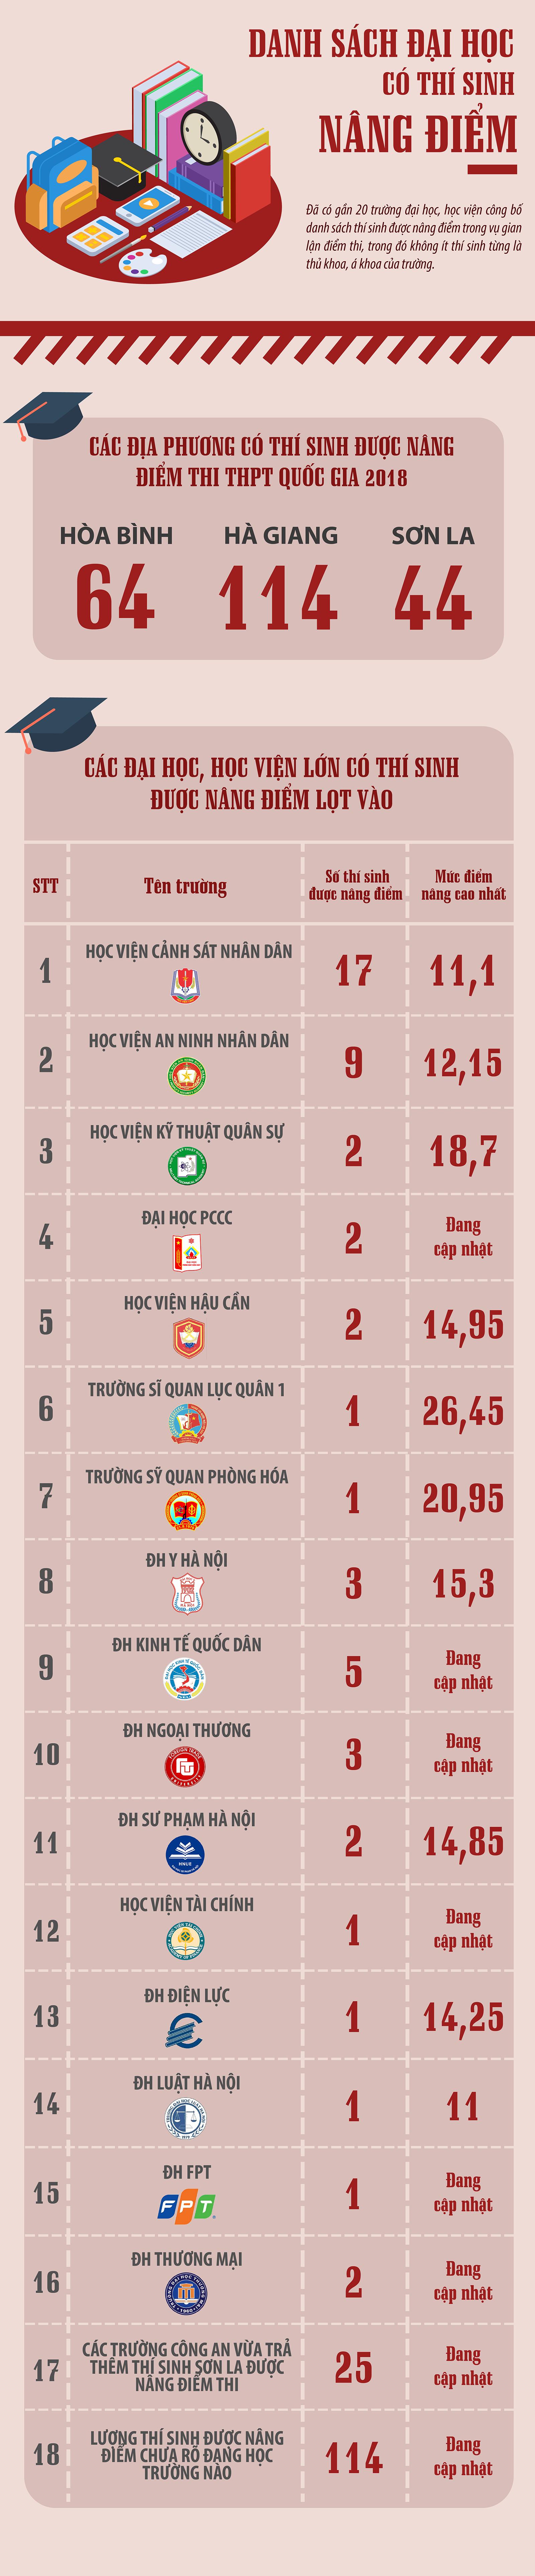 Cập nhật các đại học danh tiếng phát hiện thí sinh Hòa Bình, Sơn La, Hà Giang được nâng điểm - Ảnh 1.